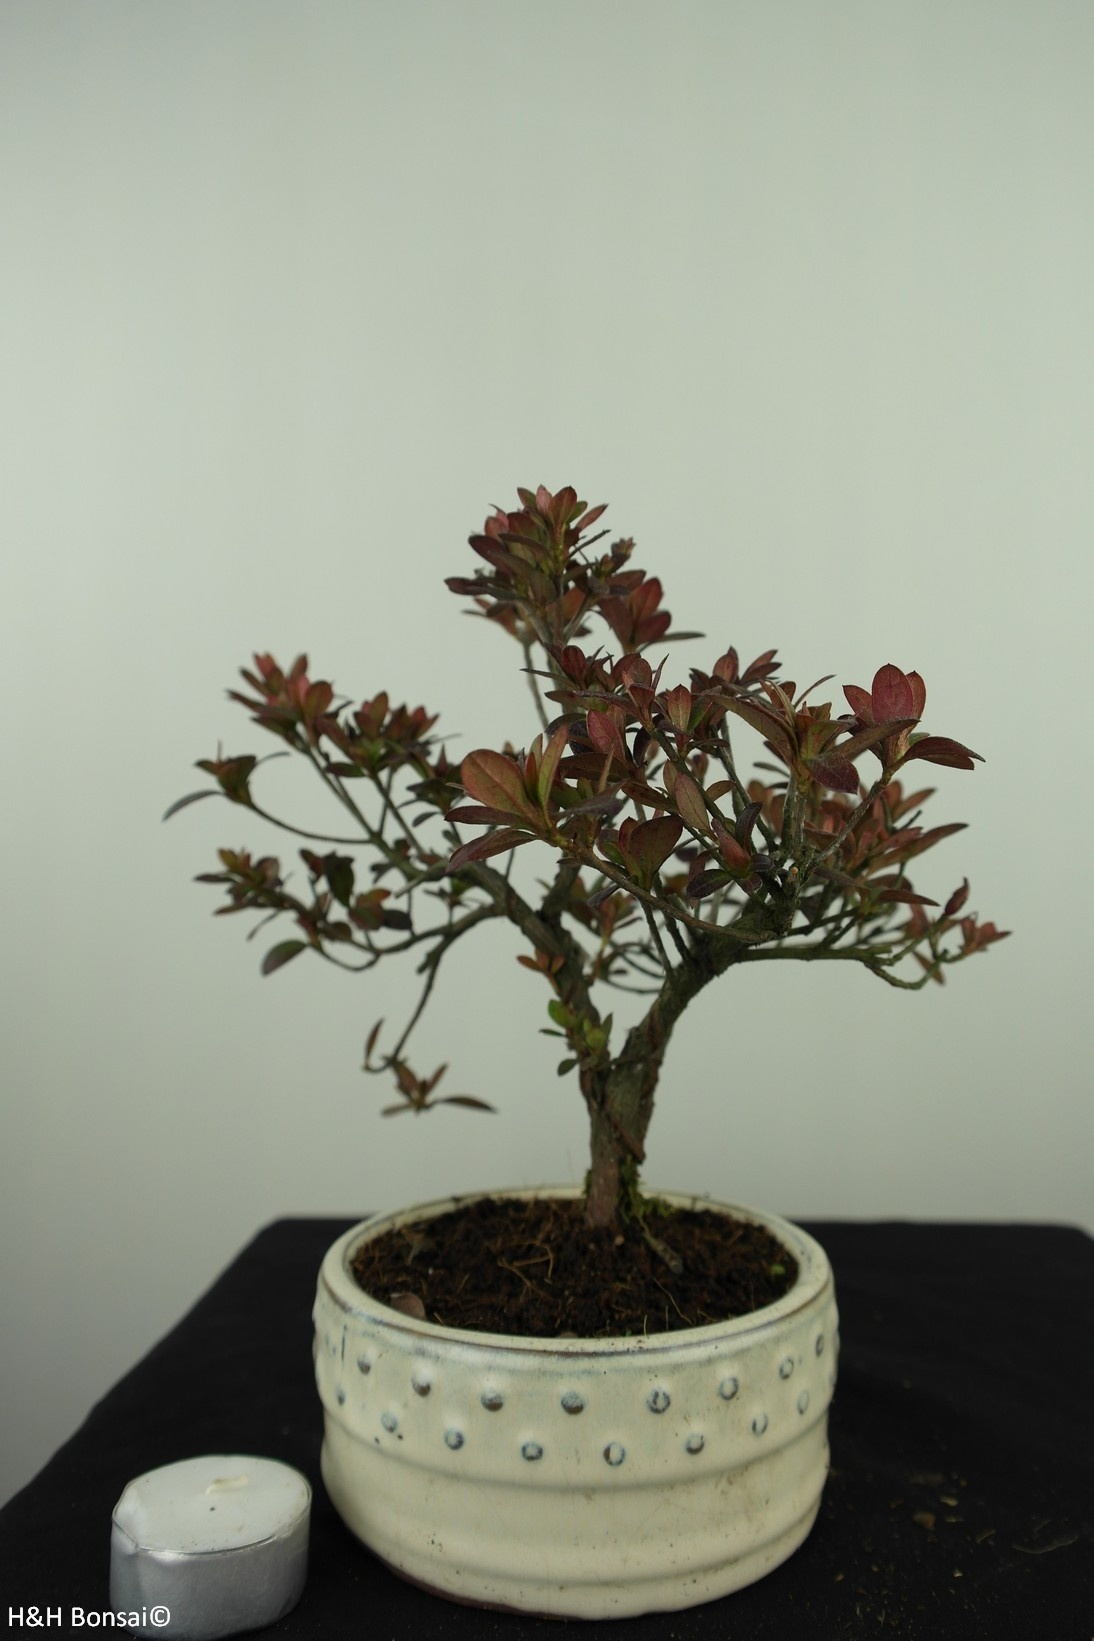 Bonsai Azalea Rhododendron indicum, no. 7576